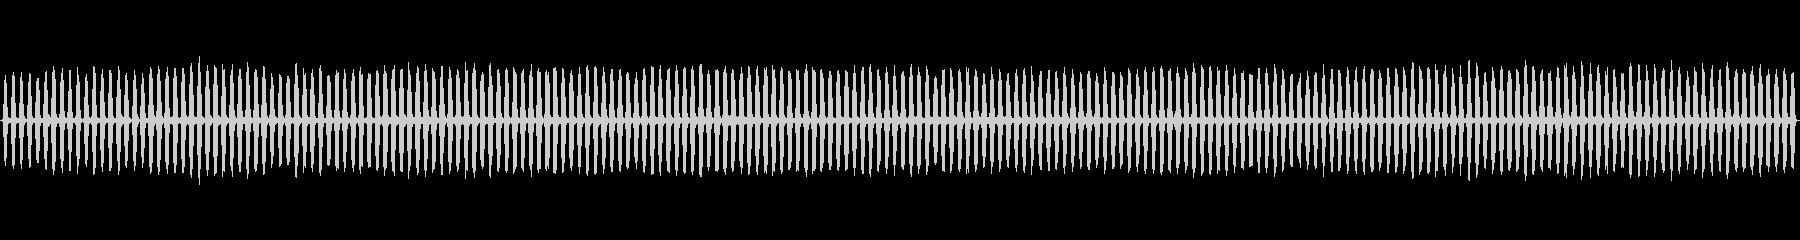 スチームホースヒス、リズミカルチャギングの未再生の波形